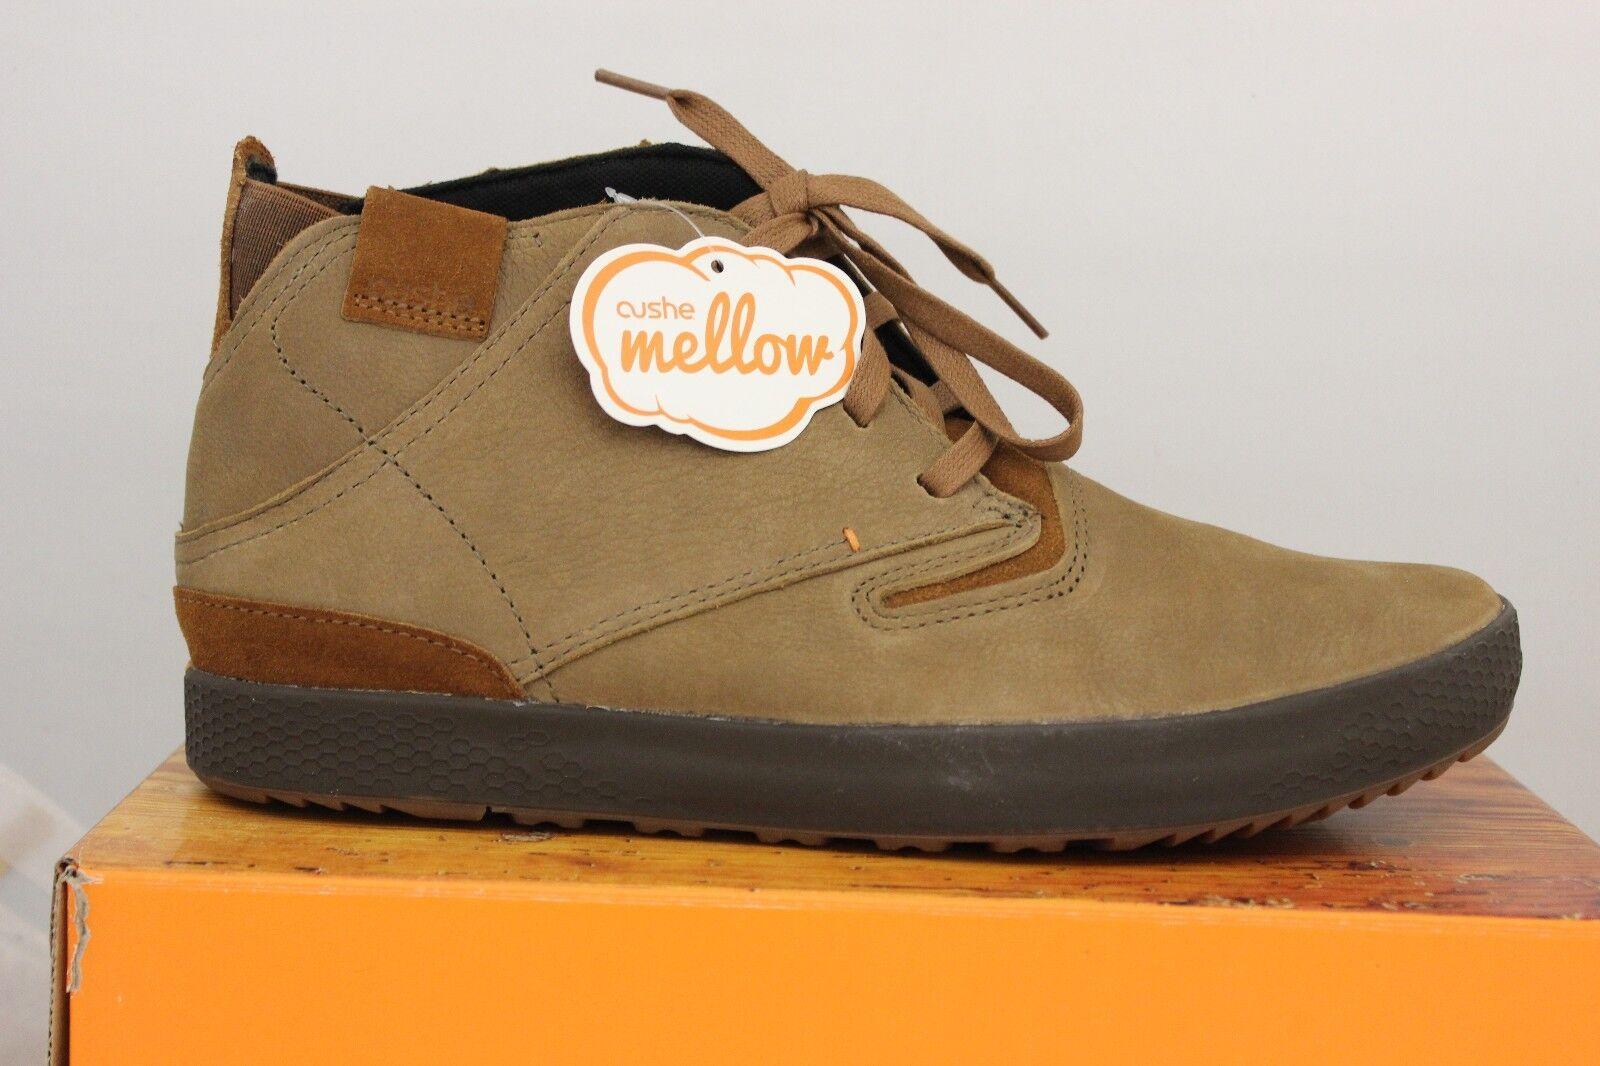 Hombre Cushe botas Pdx Cuero UM01592 Marrón Nuevo